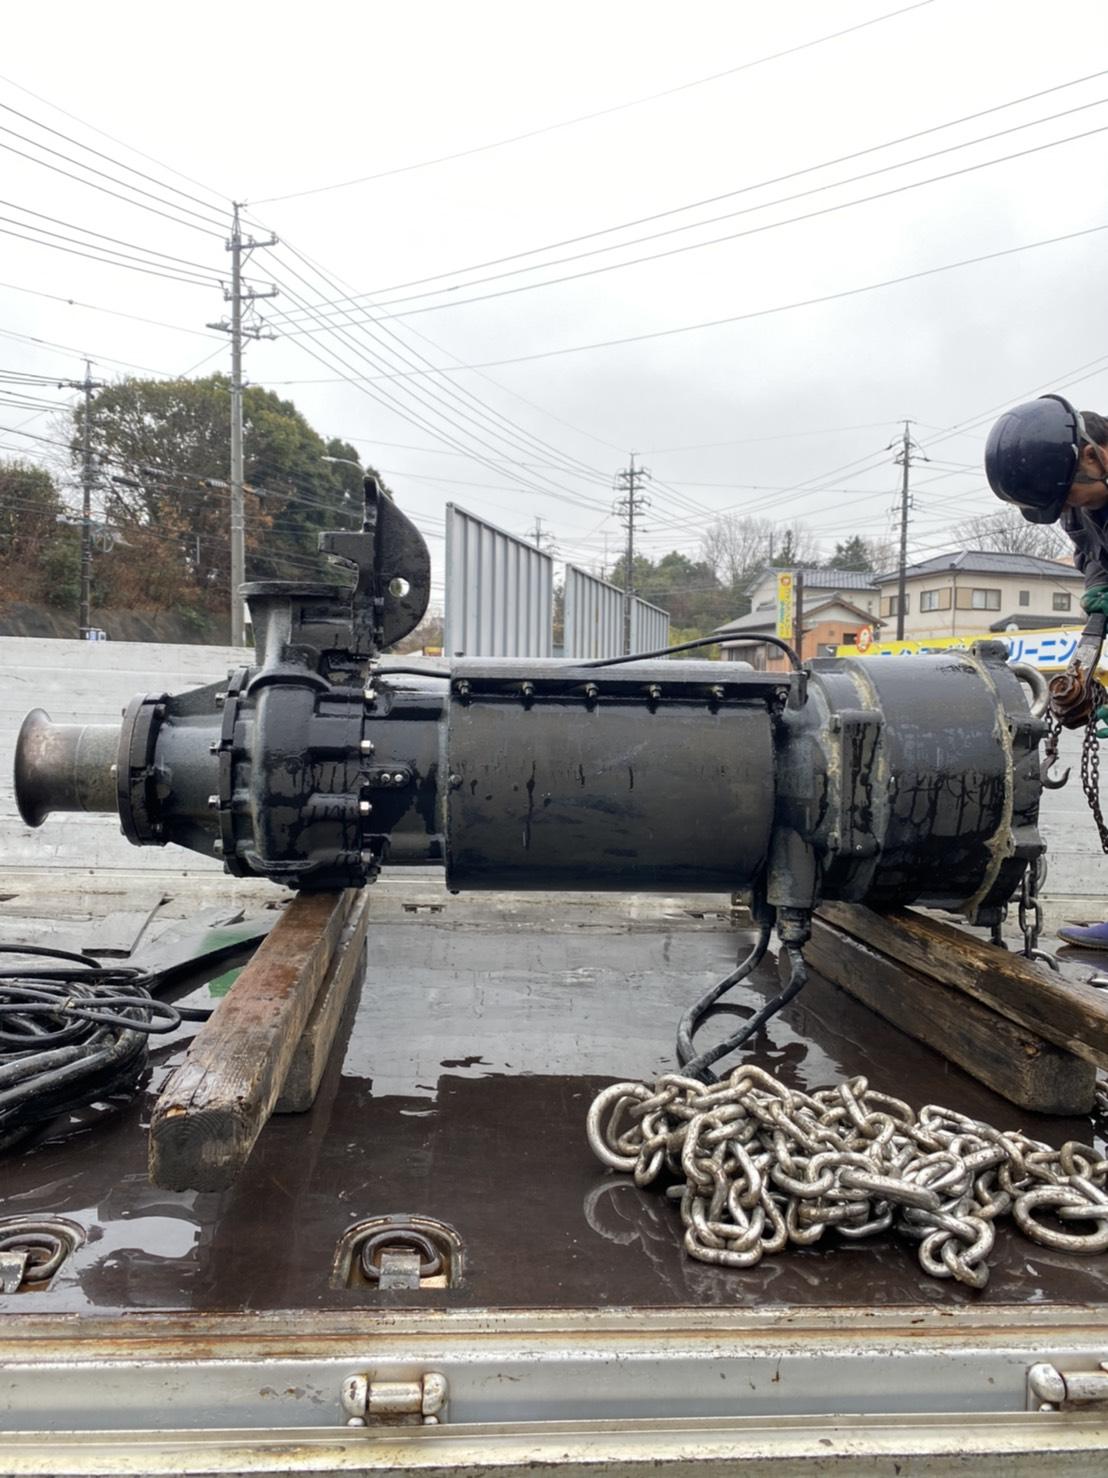 岡崎市某所 汚水ポンプ引揚げ撤去作業